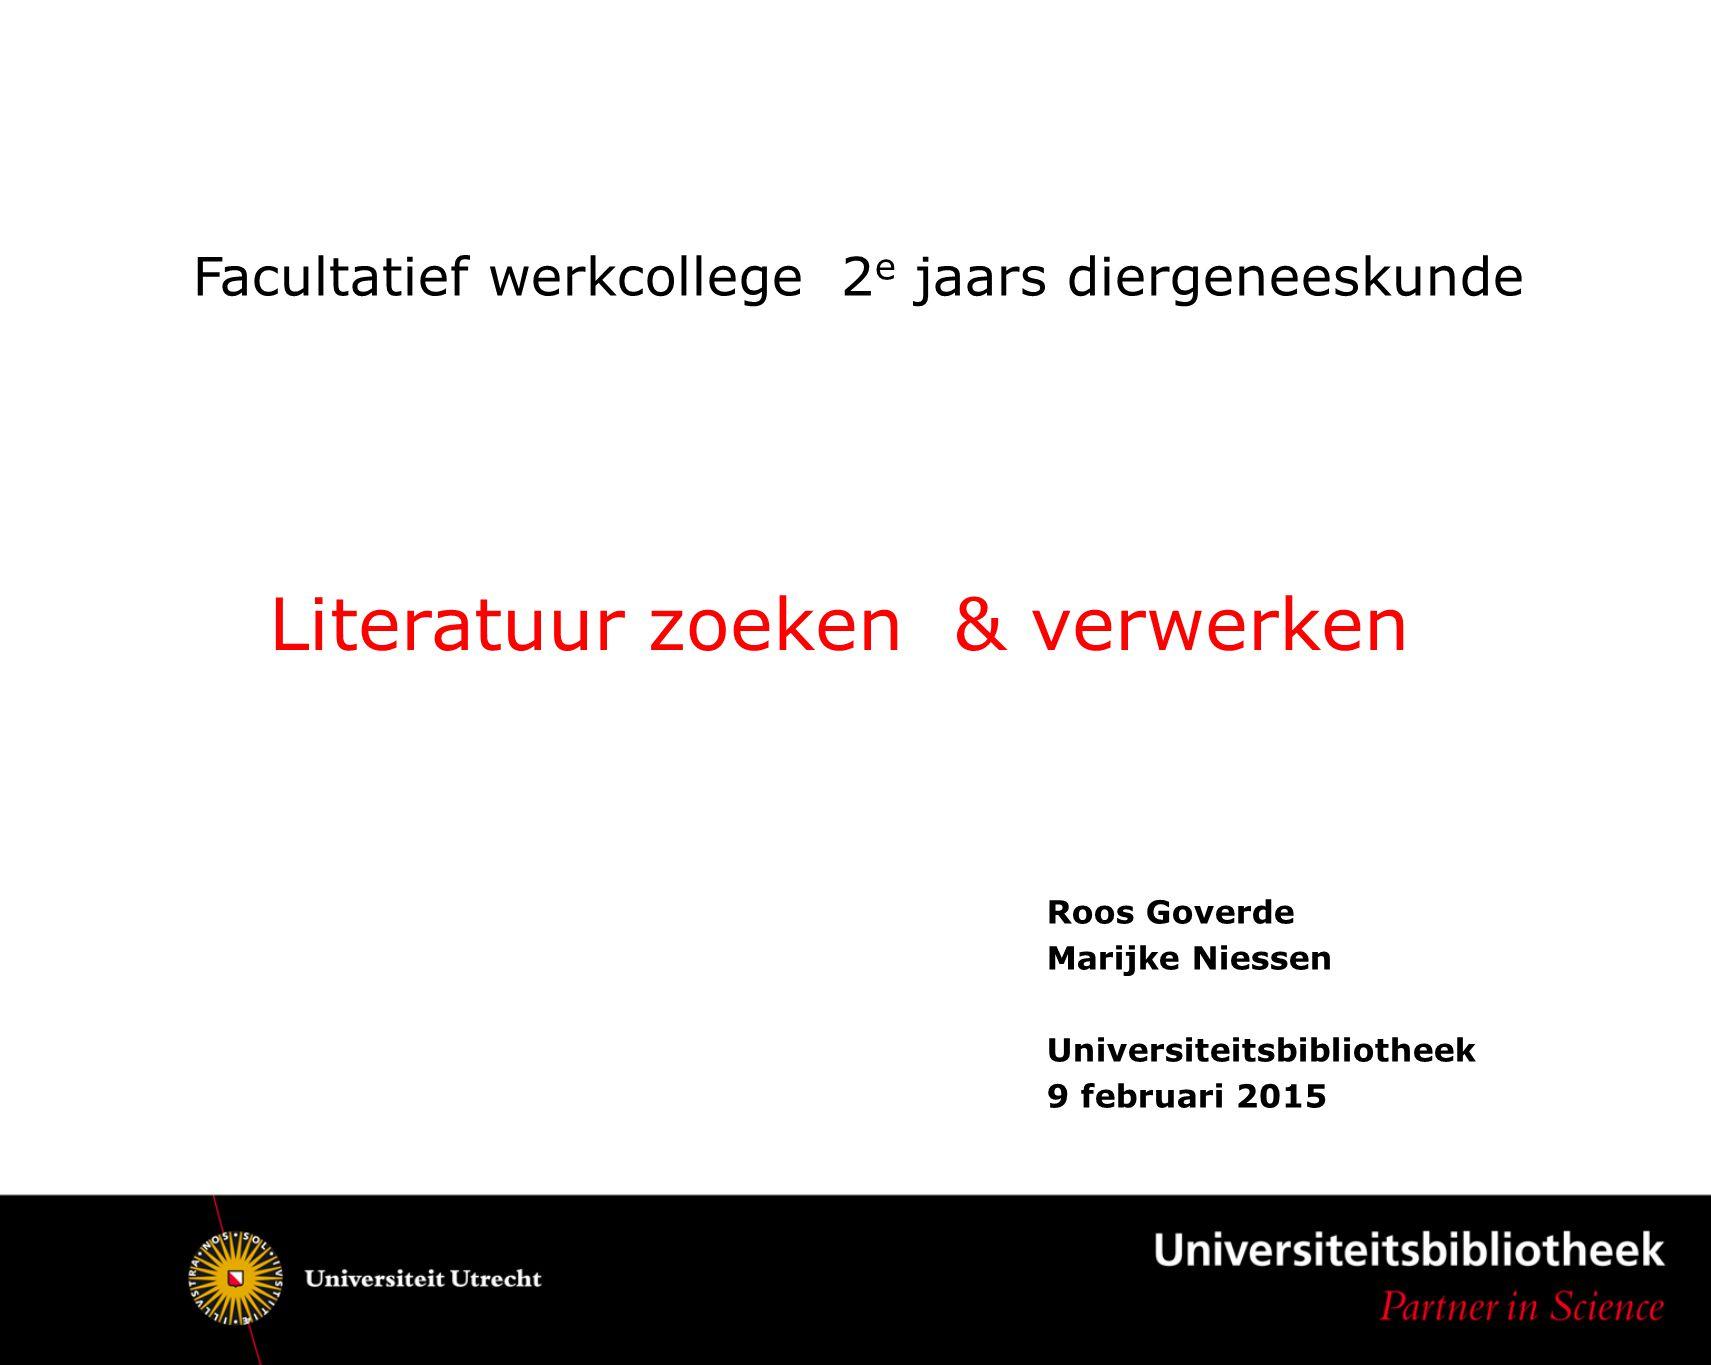 Facultatief werkcollege 2 e jaars diergeneeskunde Roos Goverde Marijke Niessen Universiteitsbibliotheek 9 februari 2015 Literatuur zoeken & verwerken